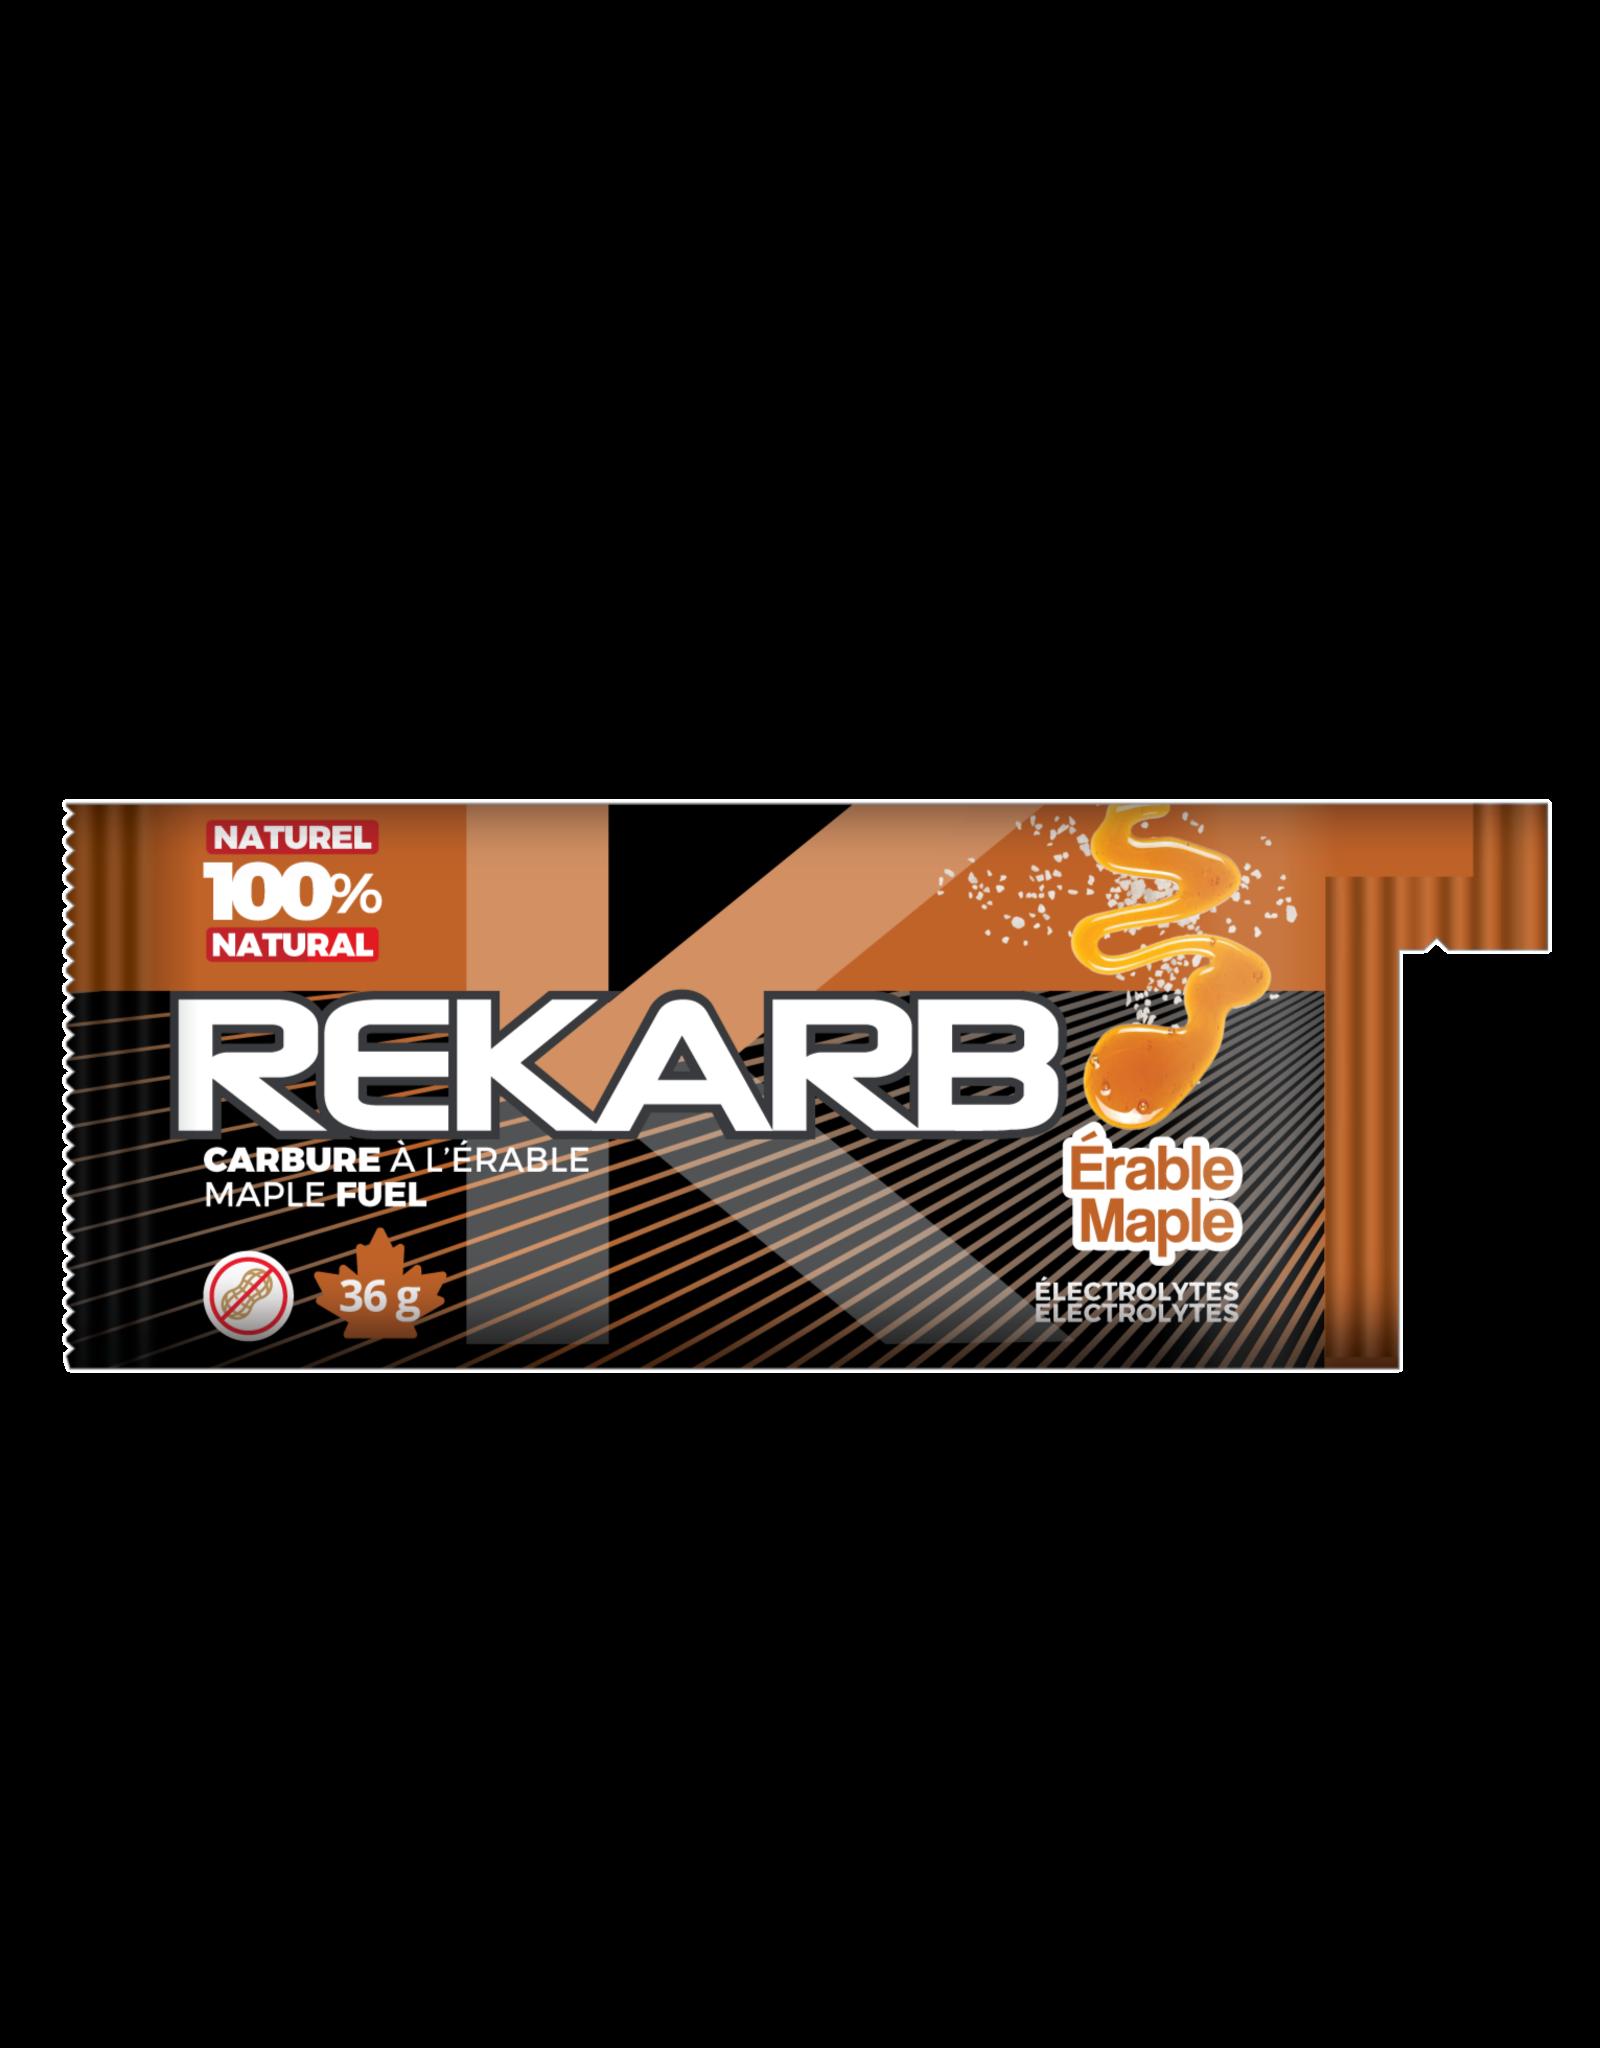 Rekarb Gel énergétique Rekarb 36g